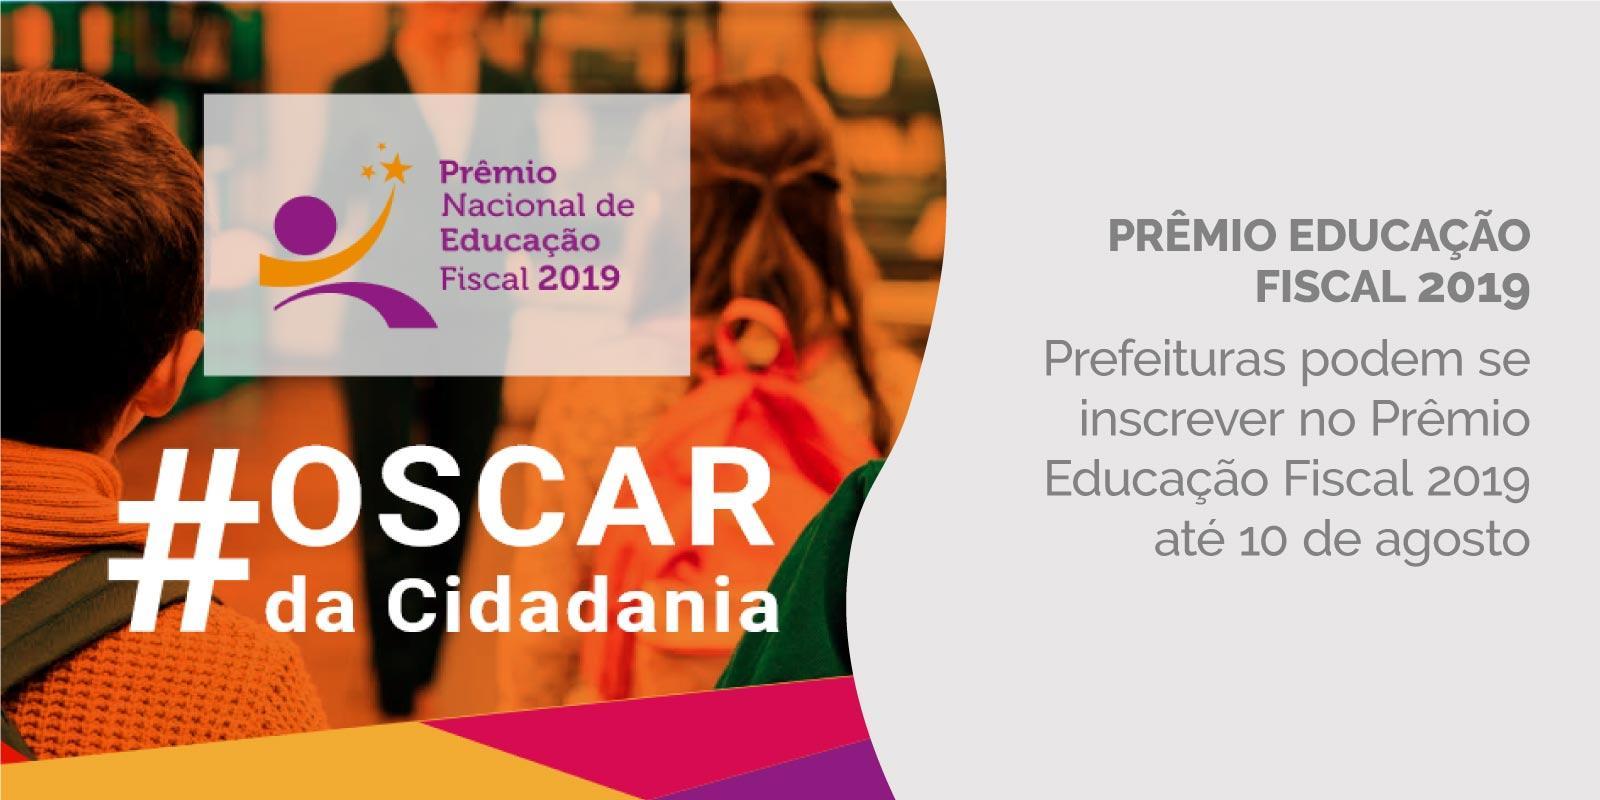 Prefeituras podem se inscrever no Prêmio Educação Fiscal 2019 até 10 de agosto